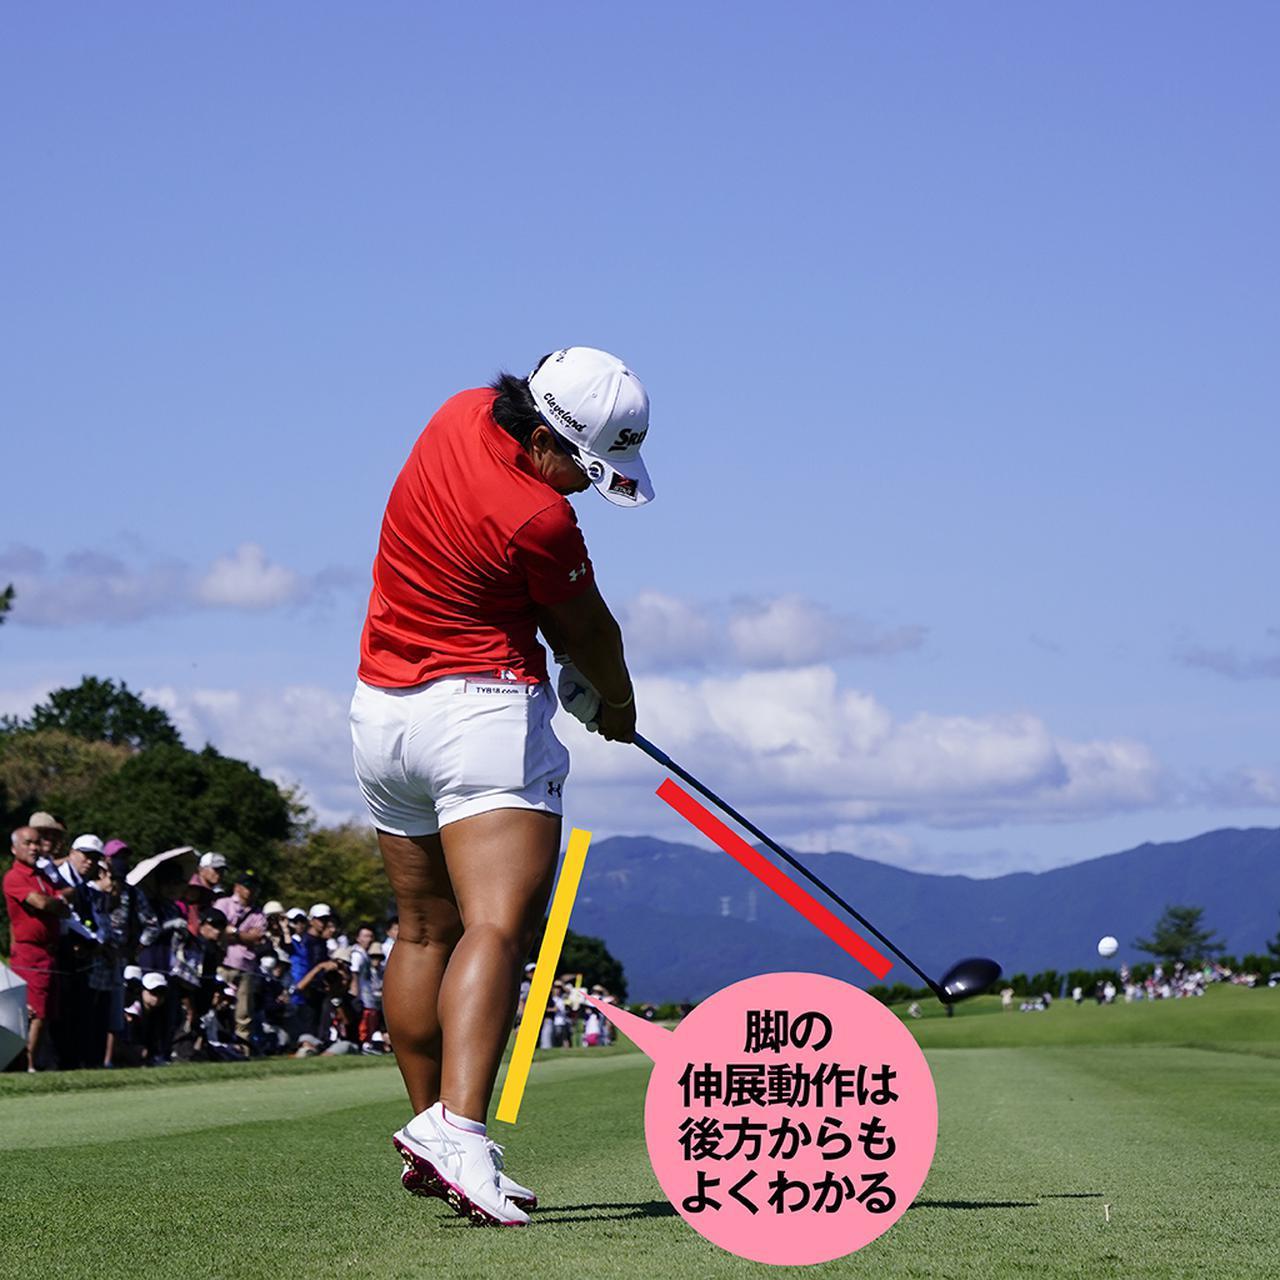 画像15: 【畑岡奈紗】フットワークで腕とクラブを振るパワフルスウィング! 目指すは世界ランキングナンバー1